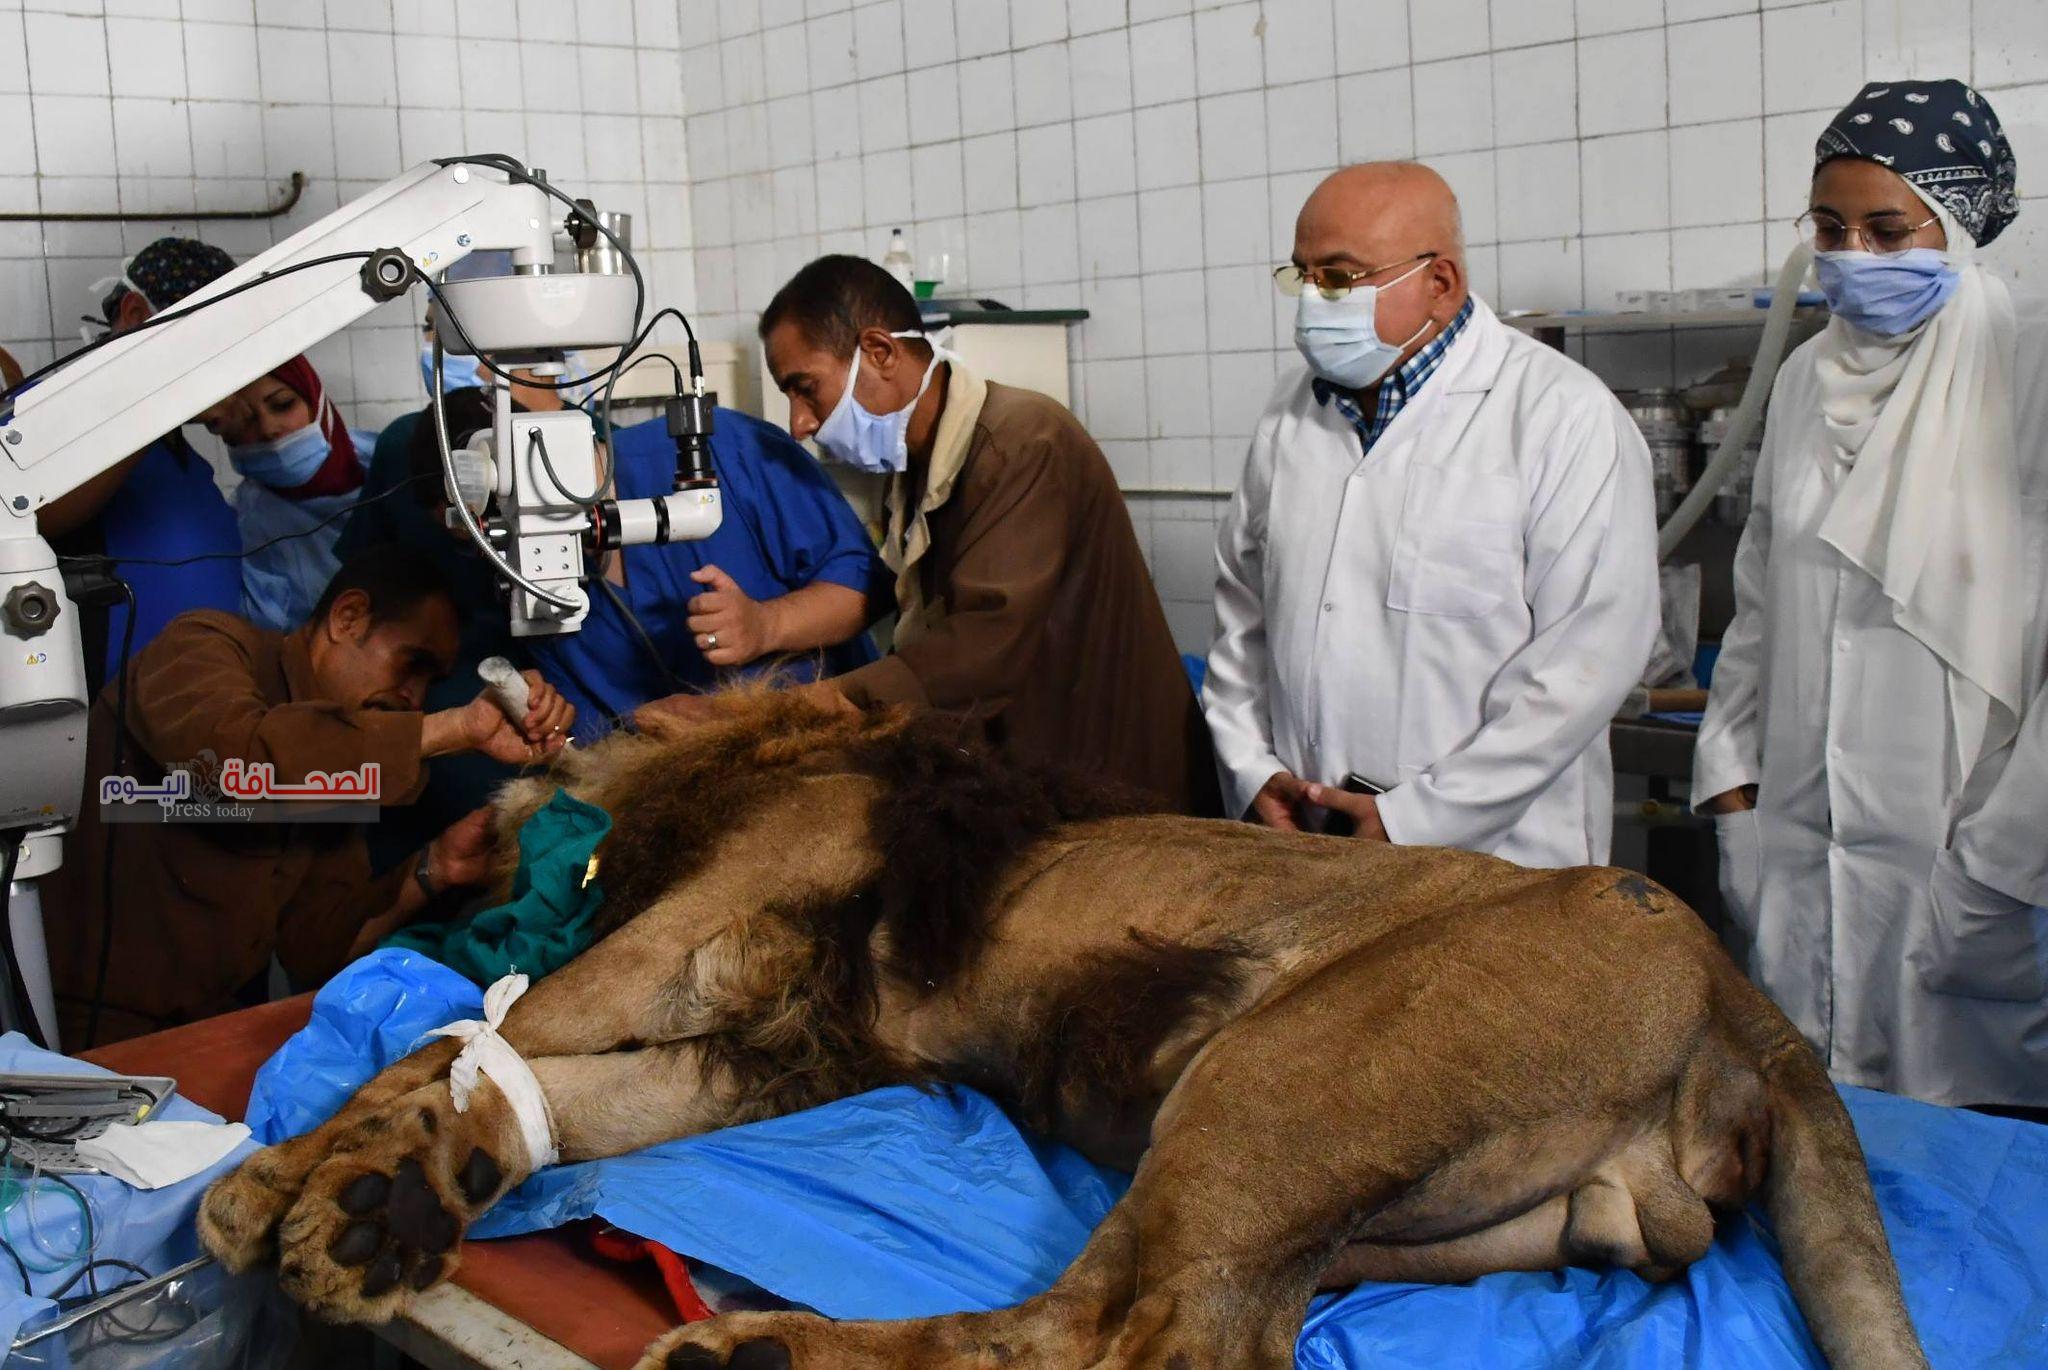 """بالصور .. الأسد """"هوجان"""" يخضع لعملية جراحية ناجحة.. تعرف عليها"""